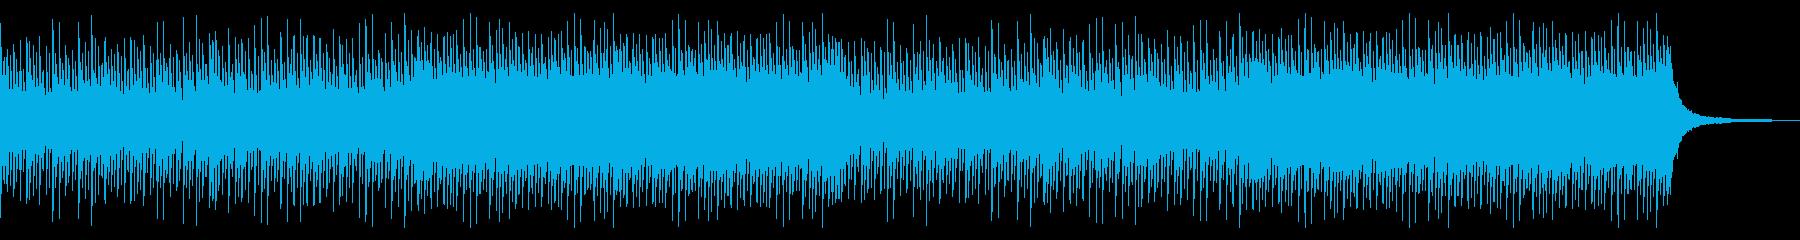 ギター無しver 切ない ピアノ ギターの再生済みの波形